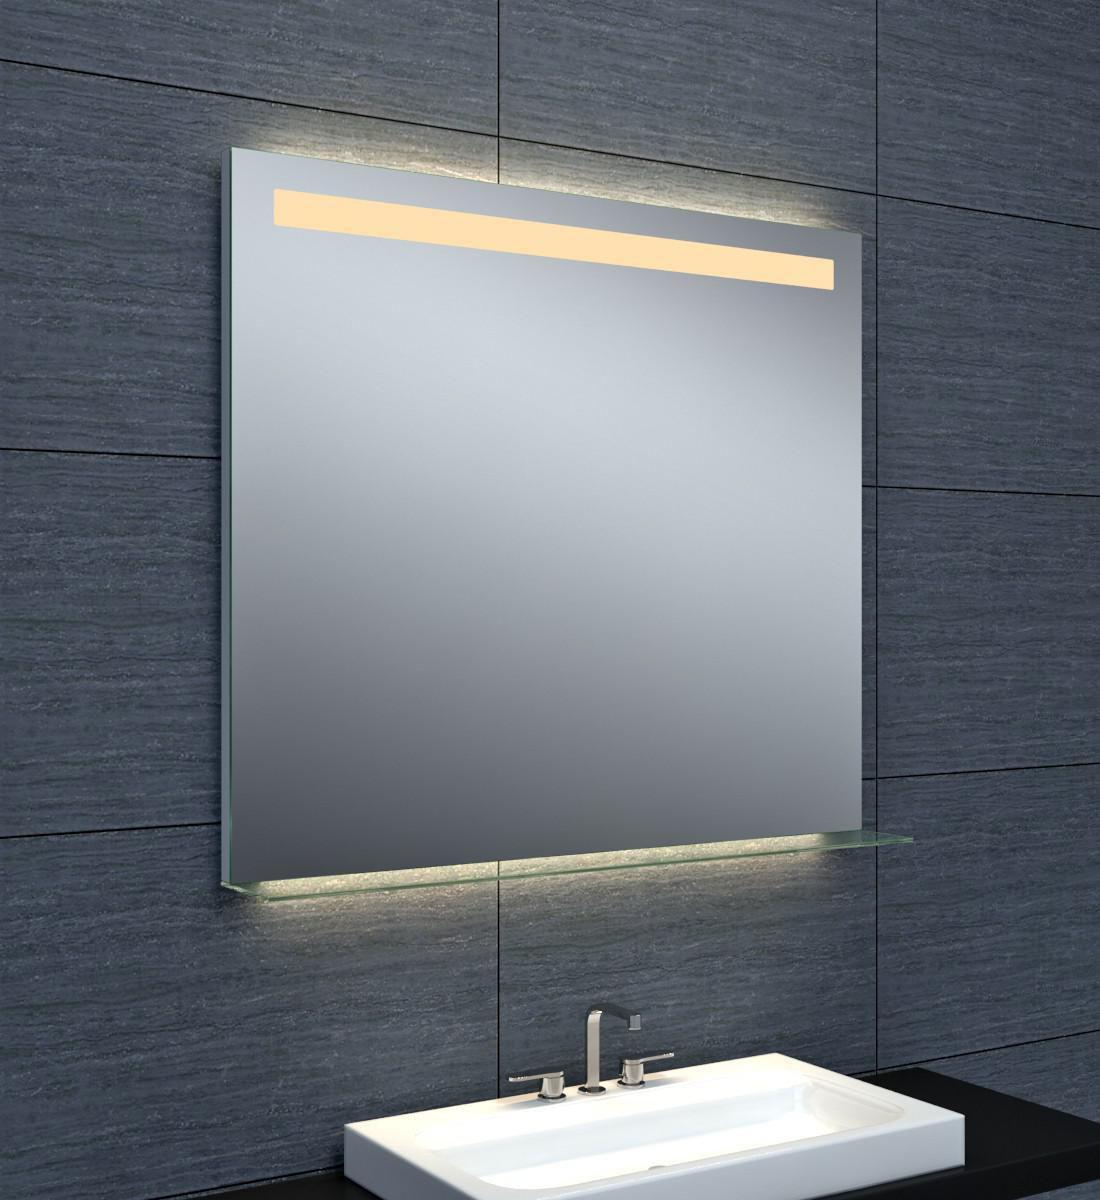 Miroir Dubai éclairage LED avec tablette en verre 90 x hauteur 80 cm ...